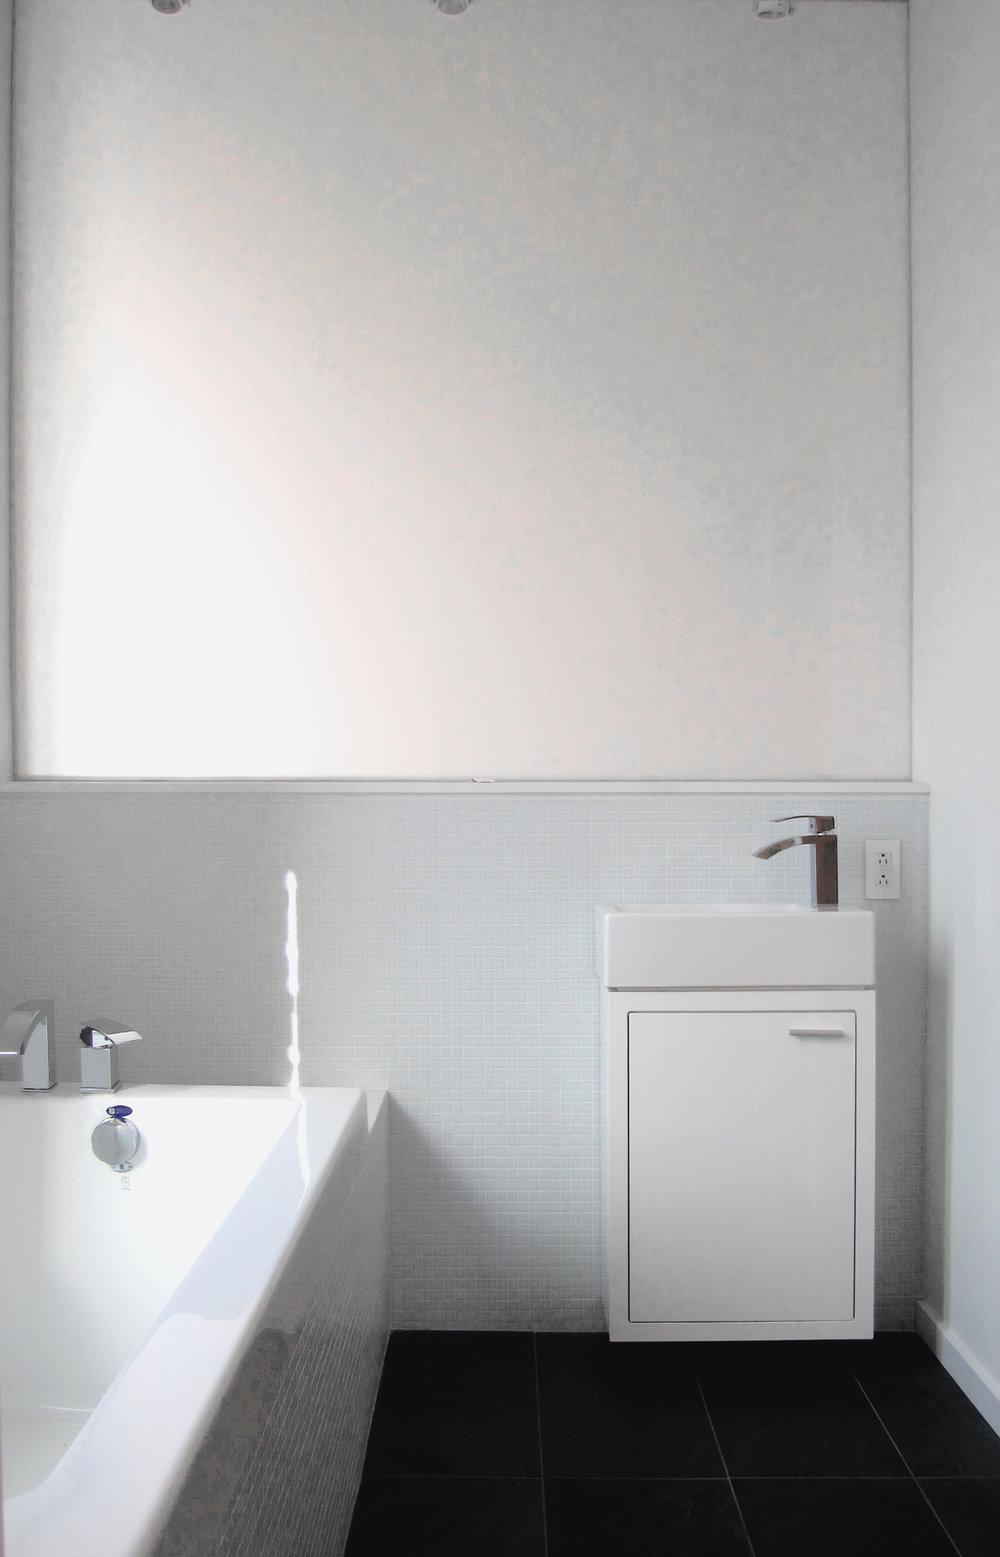 St-clement salle de bain 1